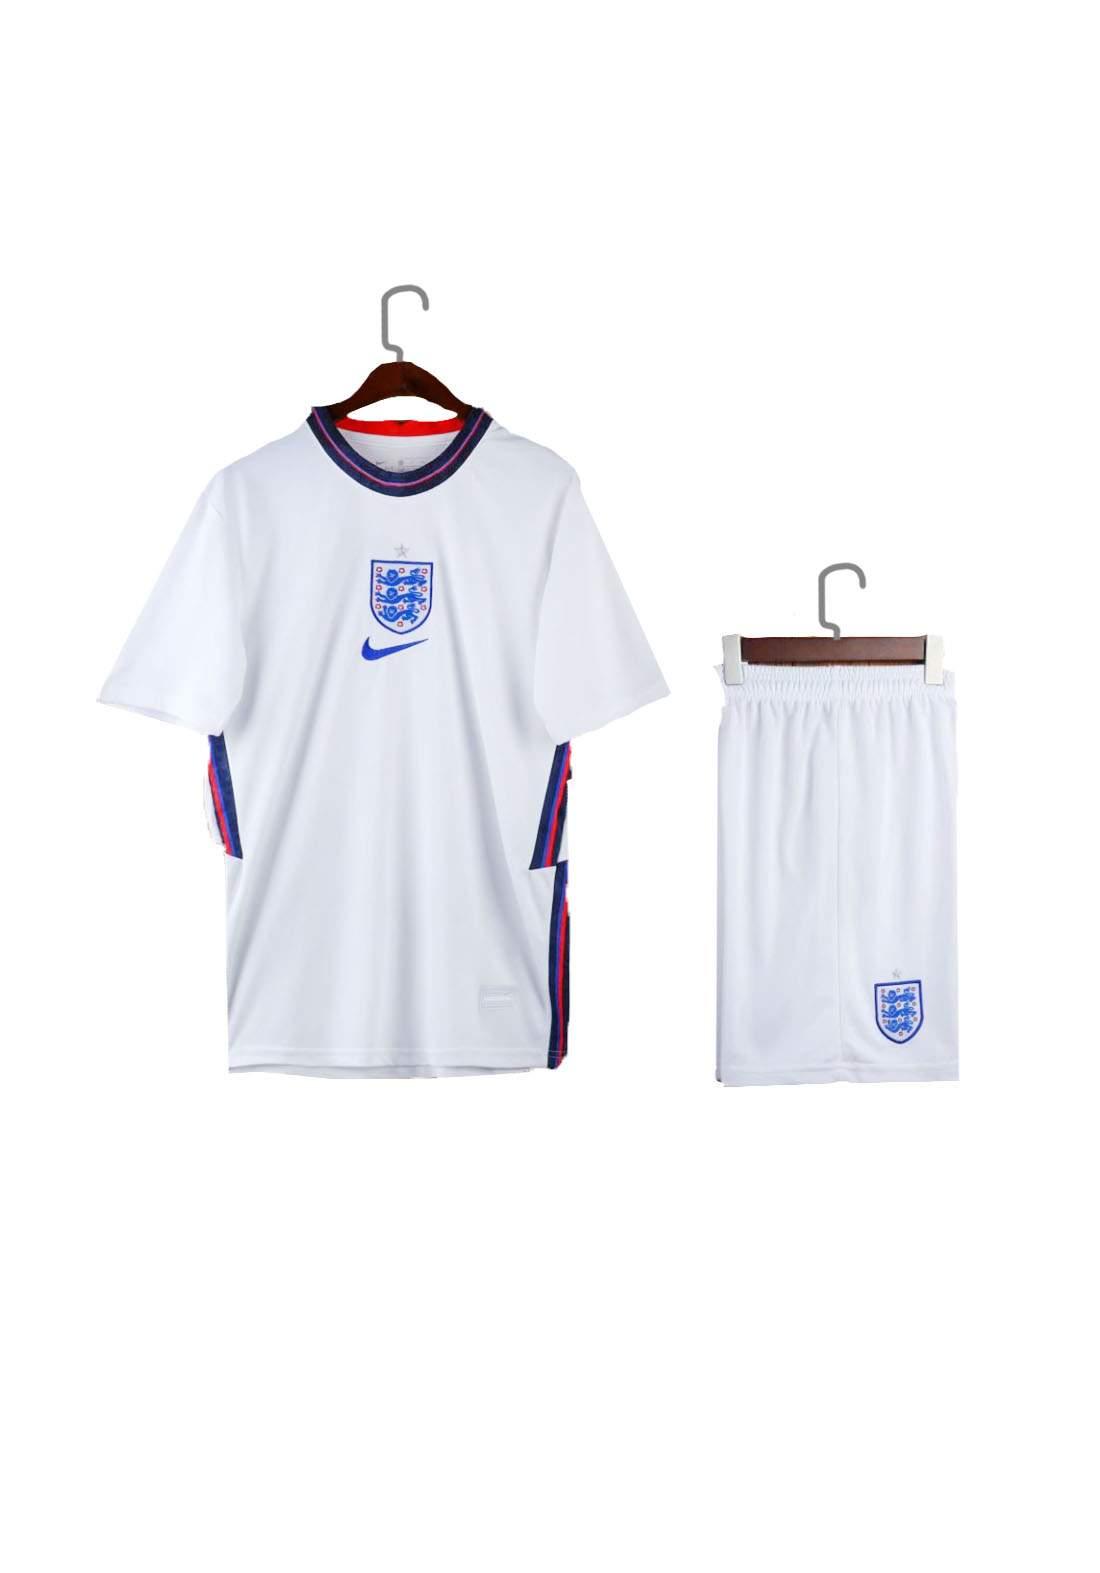 دريس رياضي رجالي England ابيض اللون